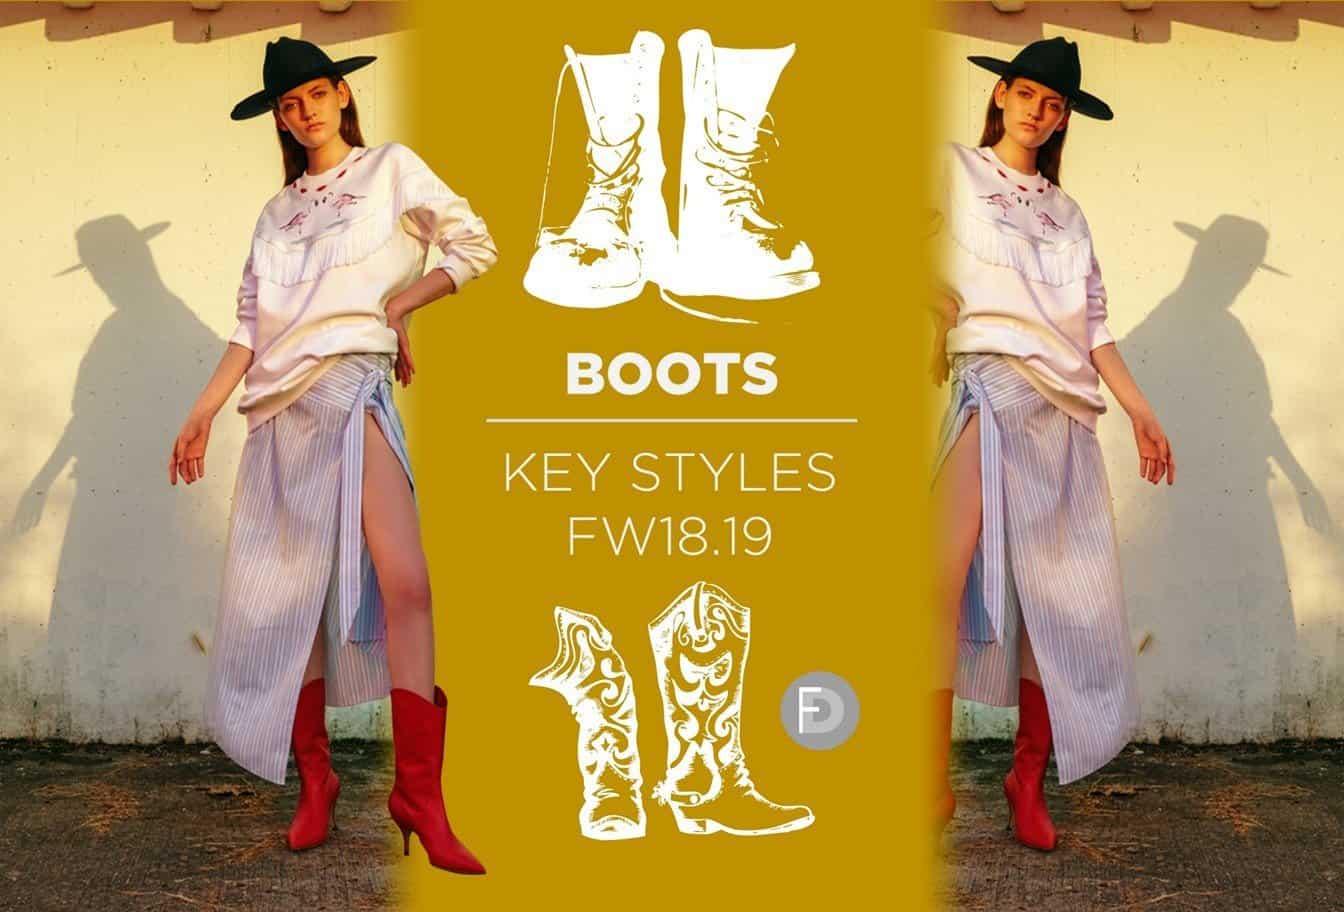 Boots Key Styles FW18/19